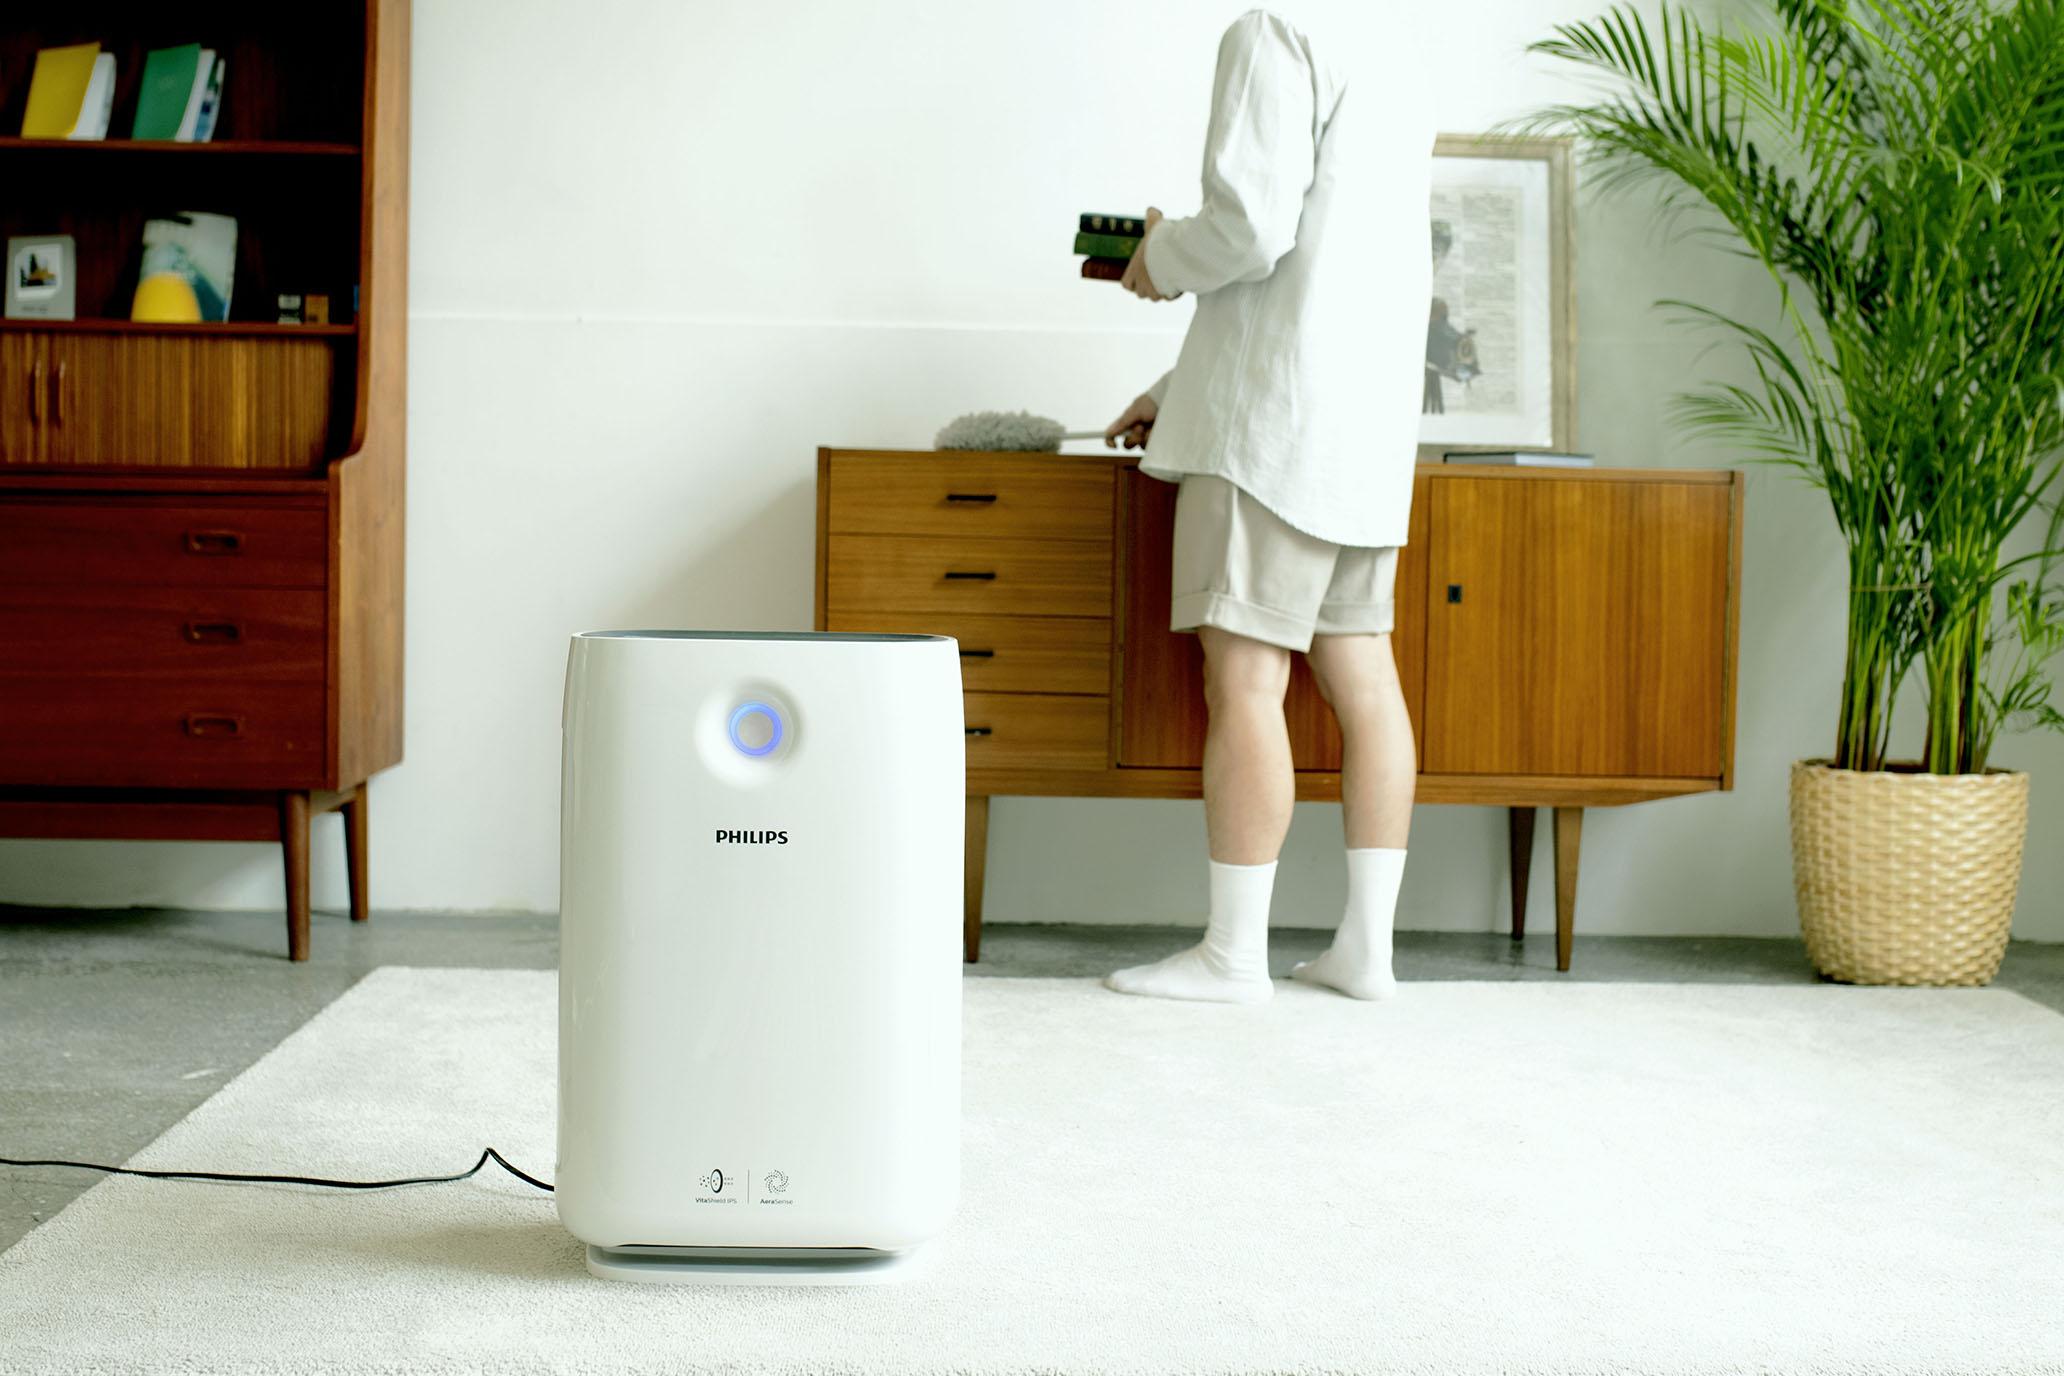 網站近期文章:飛利浦智能 WiFi 抗敏空氣清淨機AC2889,幫你濾淨居家99.9%的PM0.02 懸浮微粒。